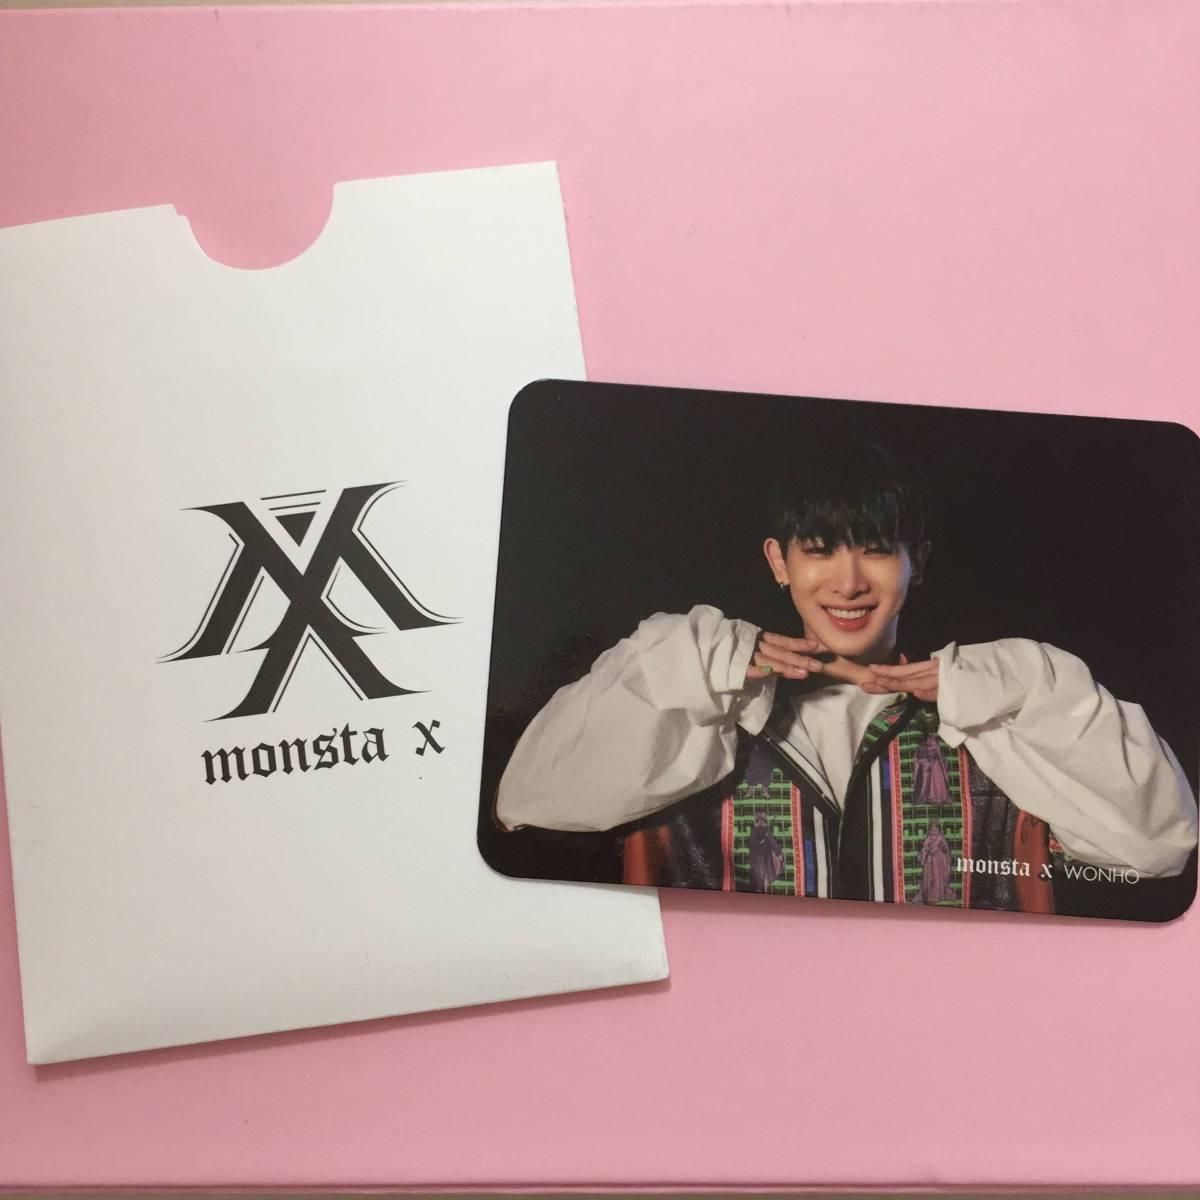 MONSTA X ウォノ 音楽番組収録参加特典 限定 トレカ SHINE FOREVER サノク